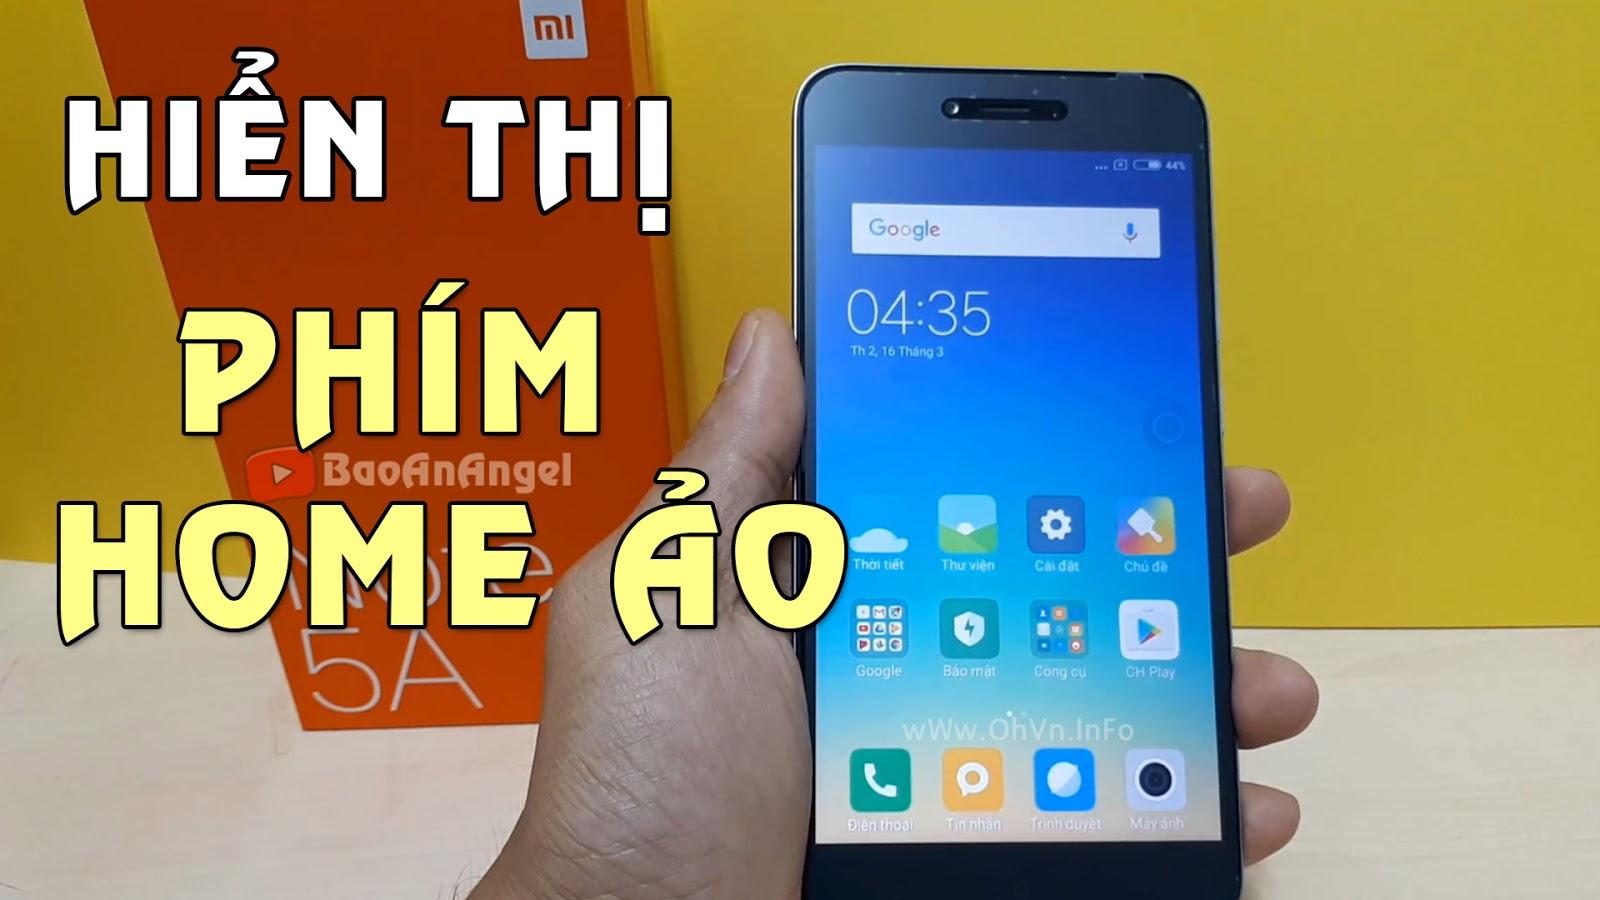 Hướng dẫn mở phím home ảo cho Xiaomi Note 5A